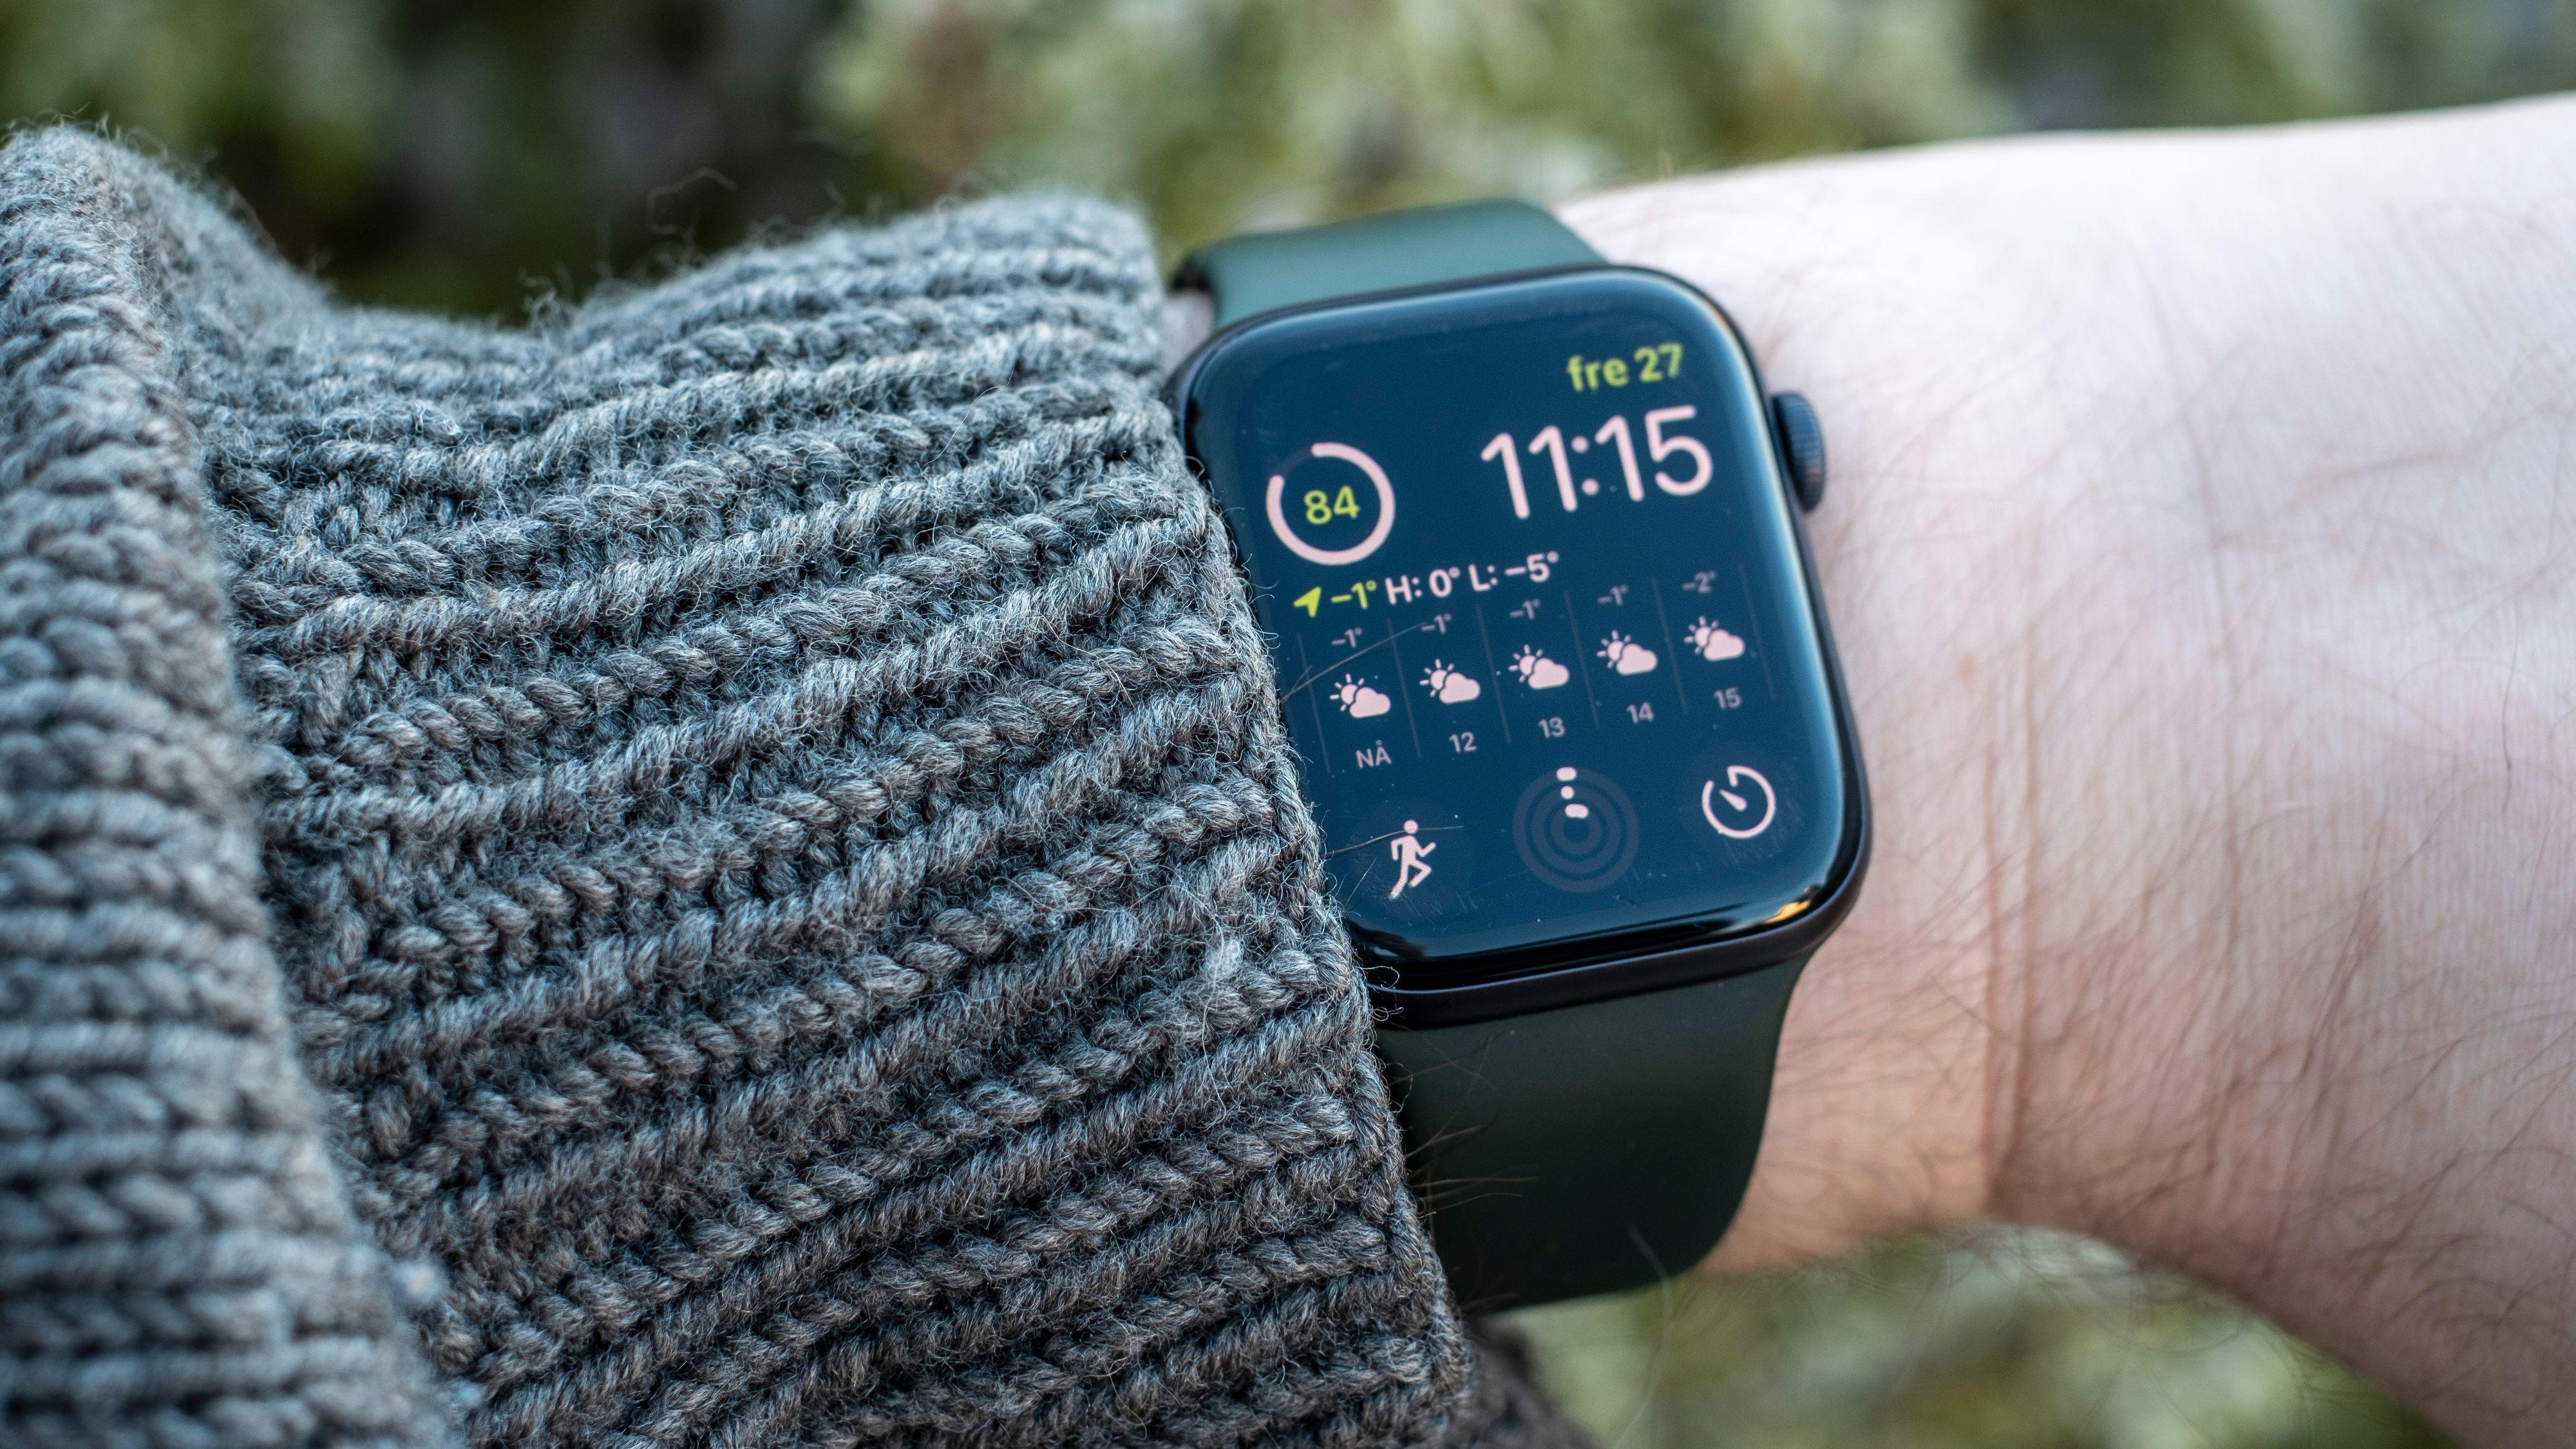 Løft hånden og skjermen kommer på. Senker du den igjen skrur klokka seg av. Hvis du holder noe og bare titter på håndleddet ditt - blir du ikke så mye klokere. En skjerm som alltid er på bidrar så mye til «armbåndsurfaktoren» at det er det du bør betale ekstra for i Watch series 6.